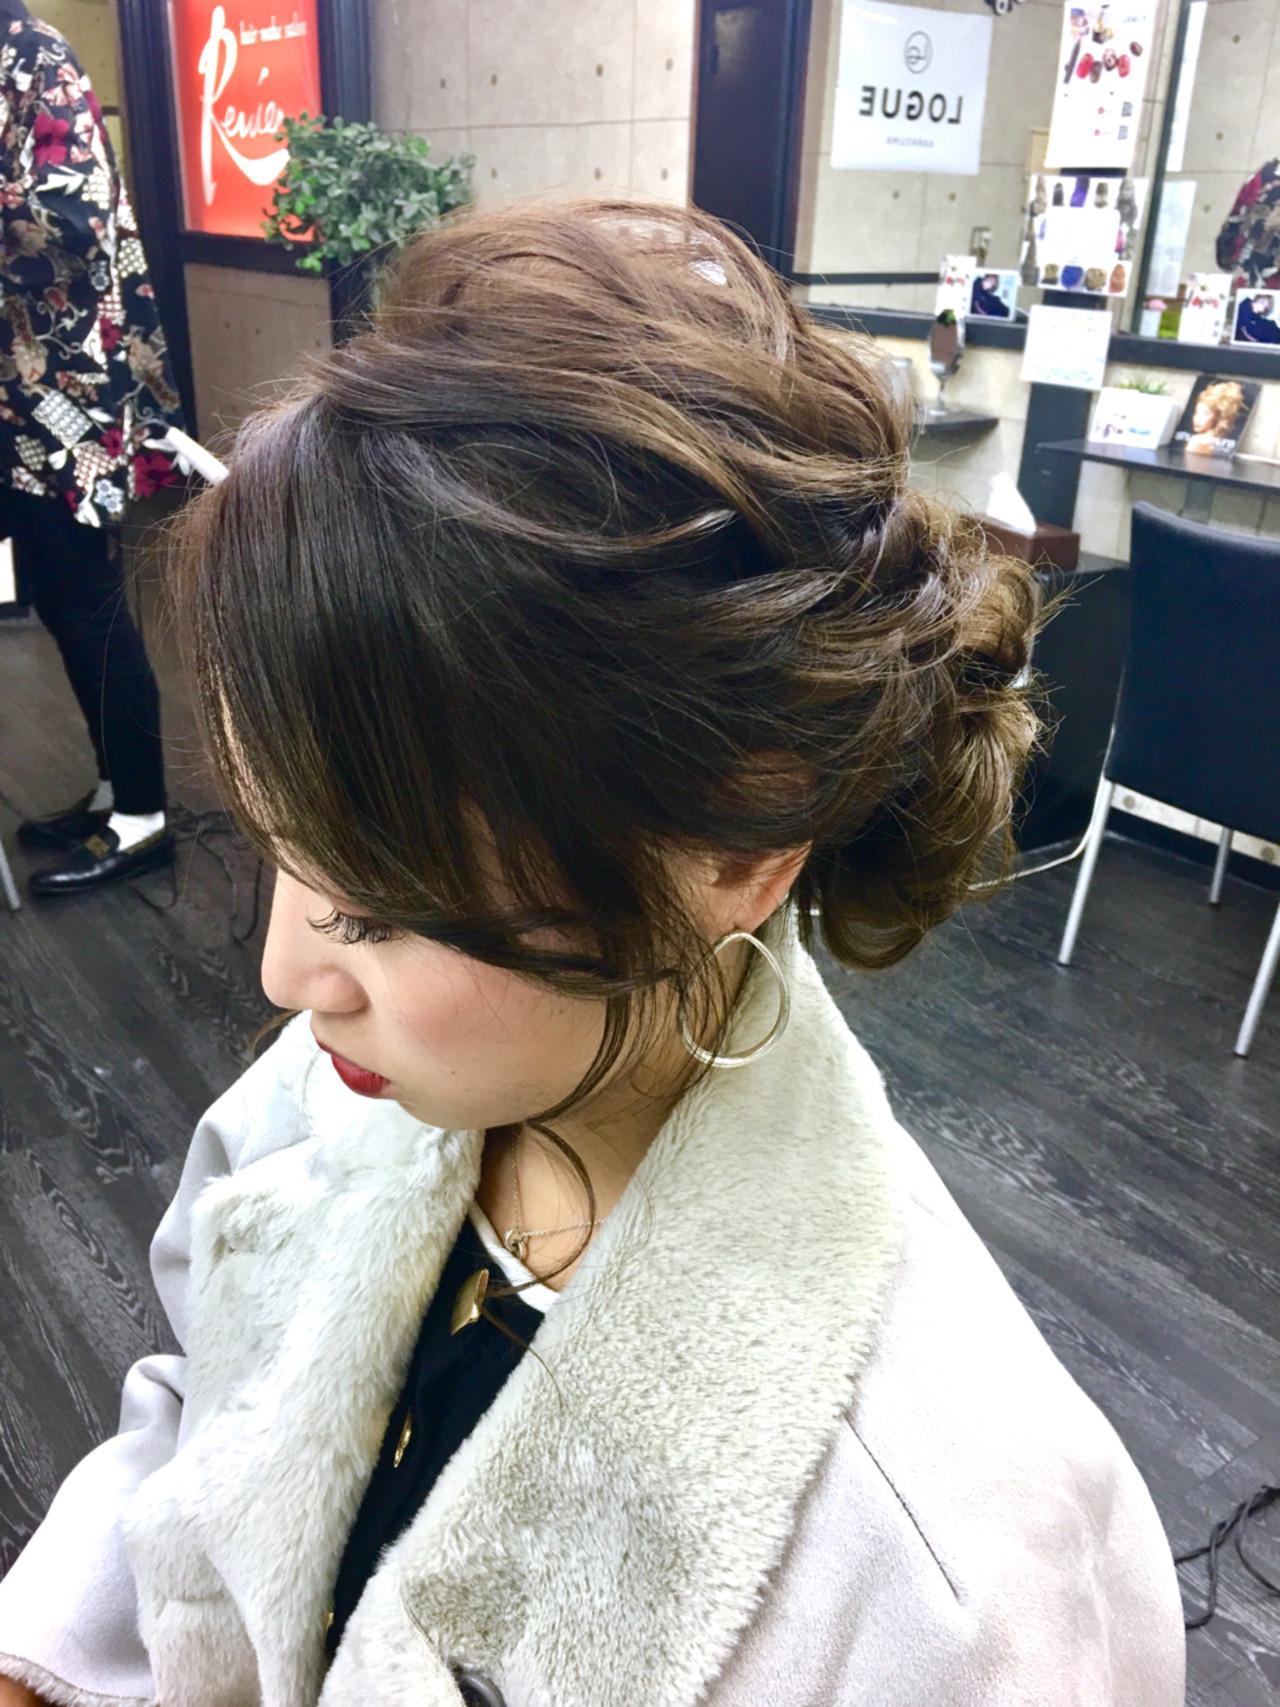 オフィス髪も簡単に!編み込みで作るまとめ髪ヘア Shinji